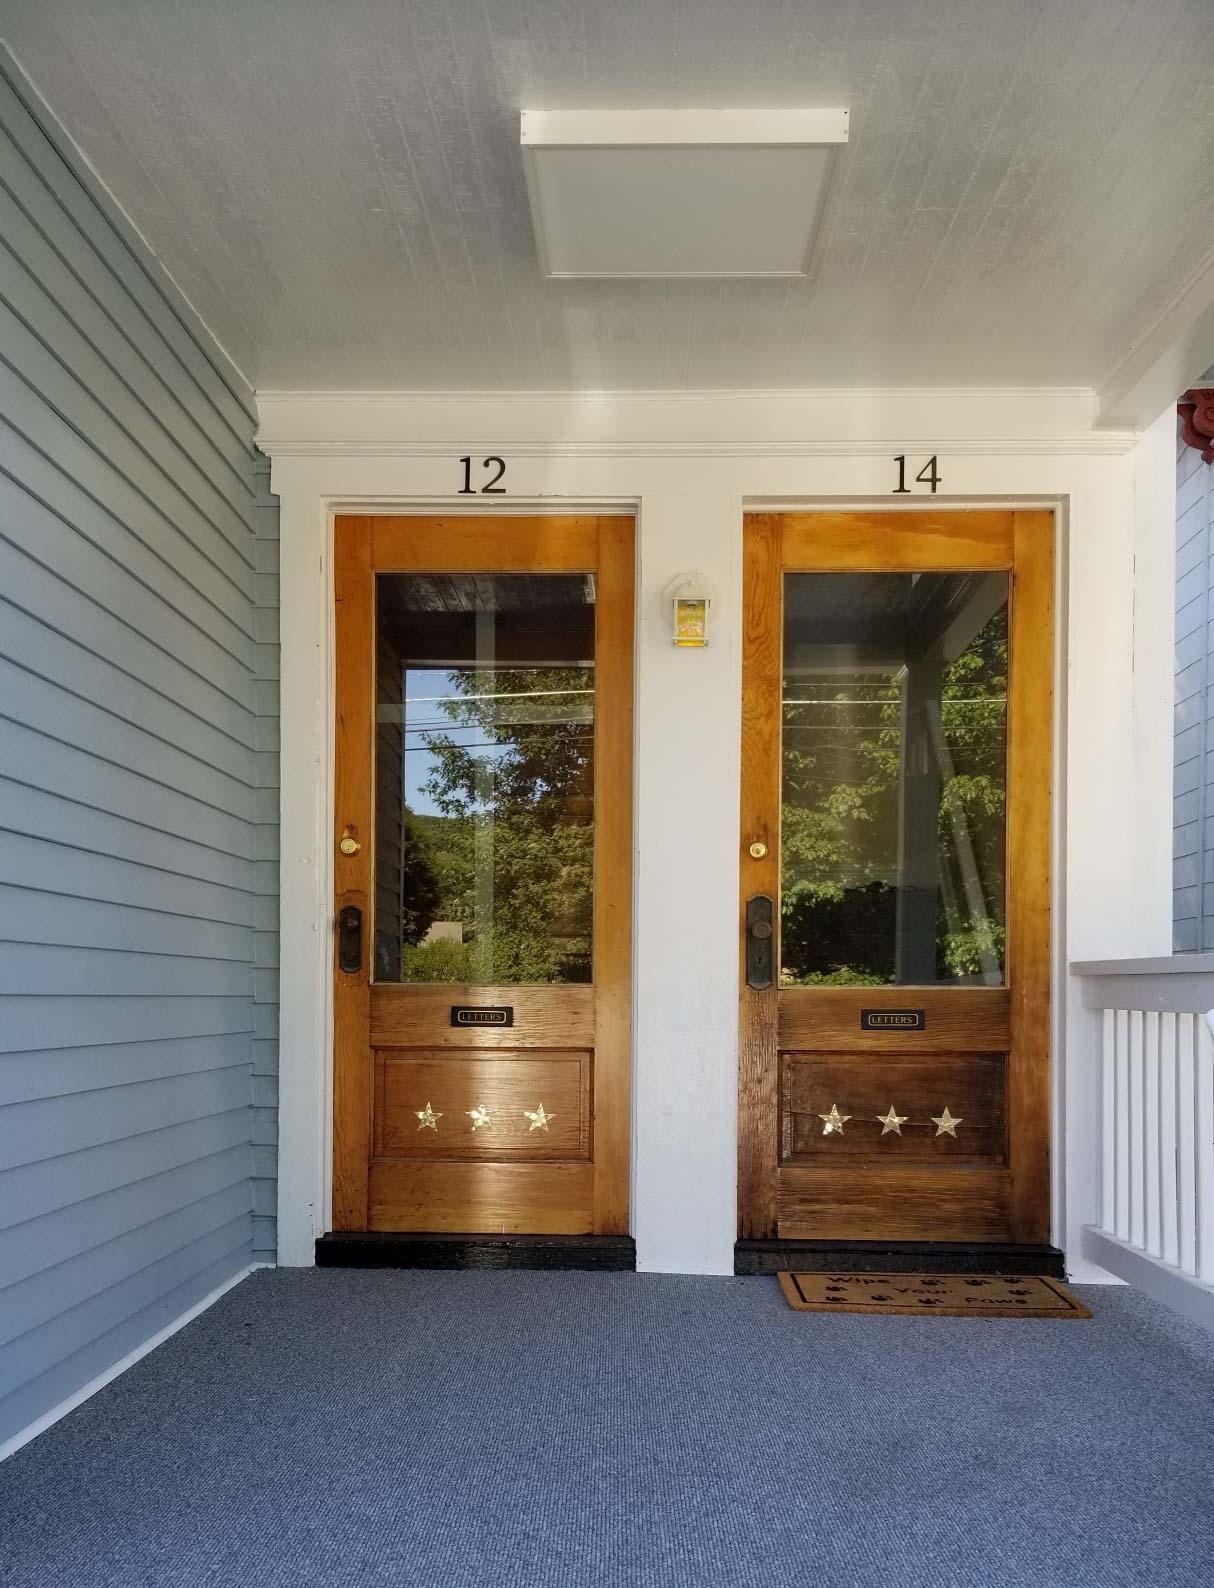 12-14 Academy street Peter Clark student rentals